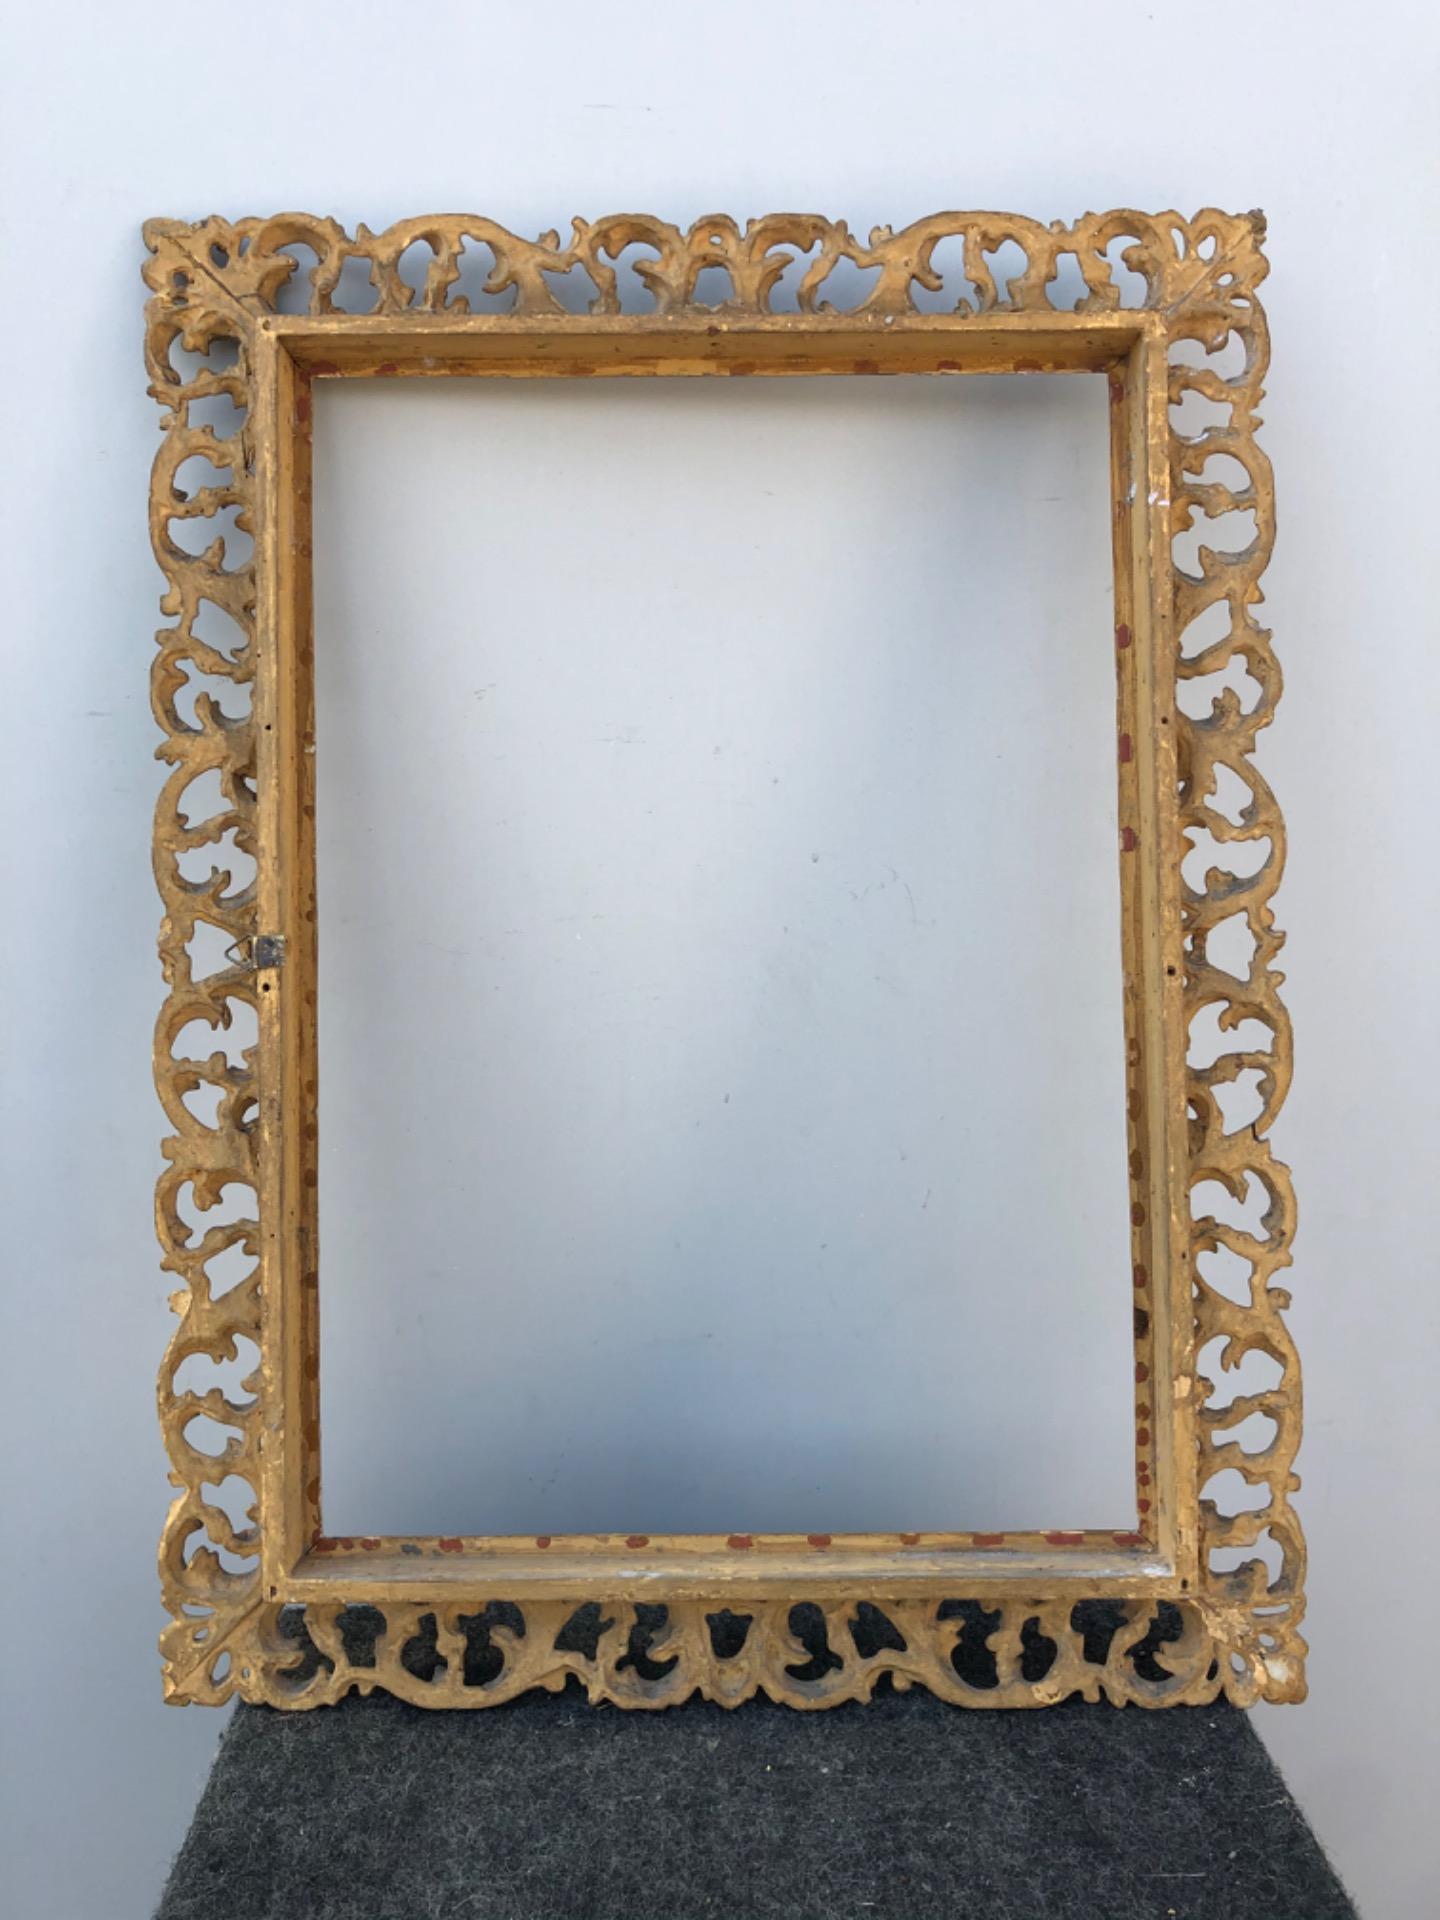 thumb3|Cornice a cartoccio in legno intagliato,traforato e foglia oro.Firenze.